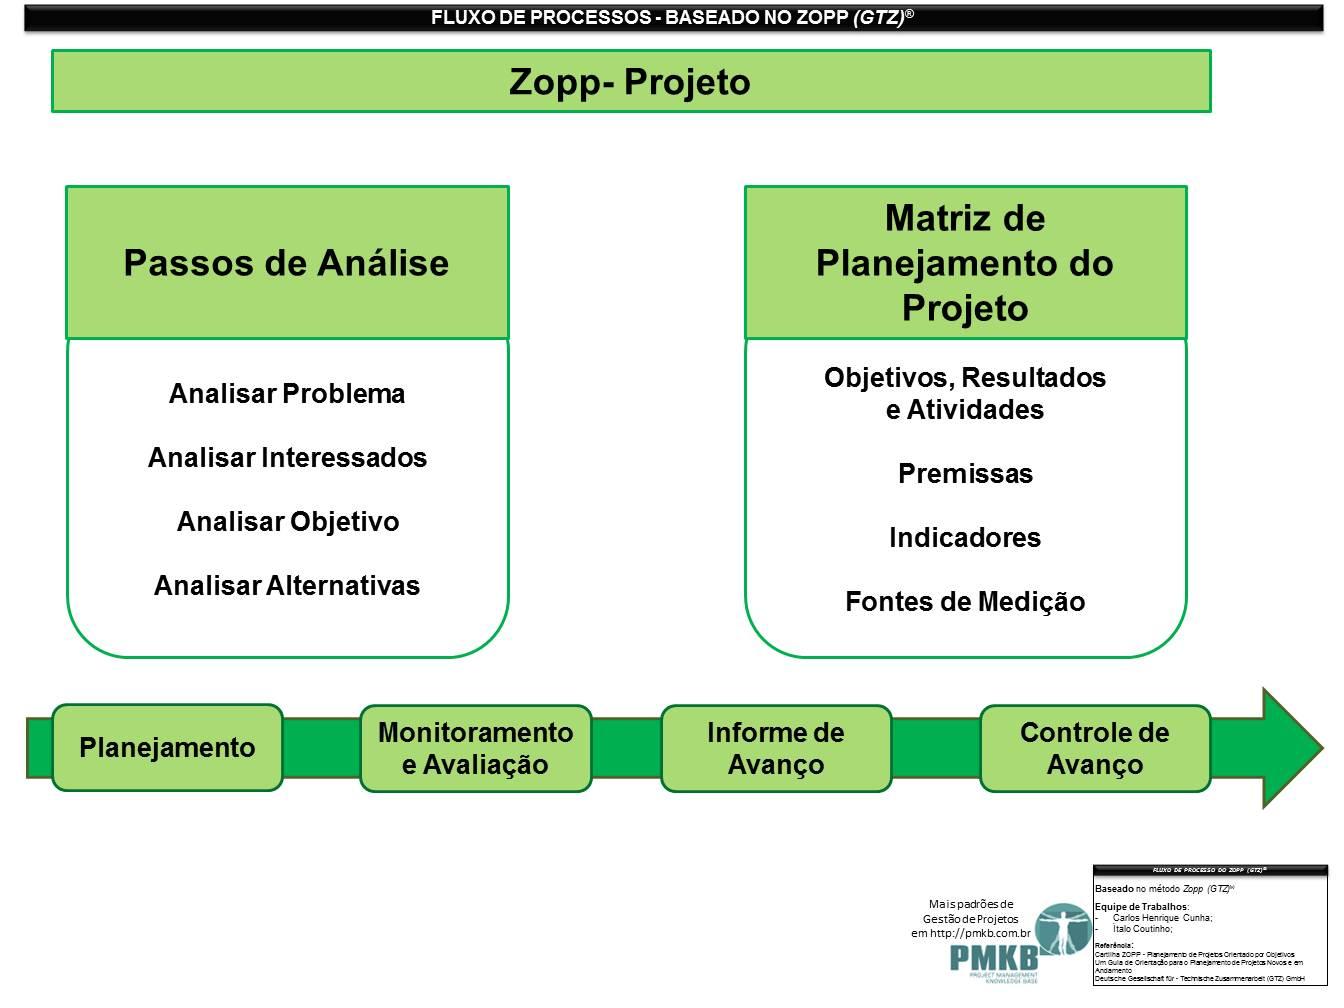 Fluxo de Processos - baseado no Zopp - 1